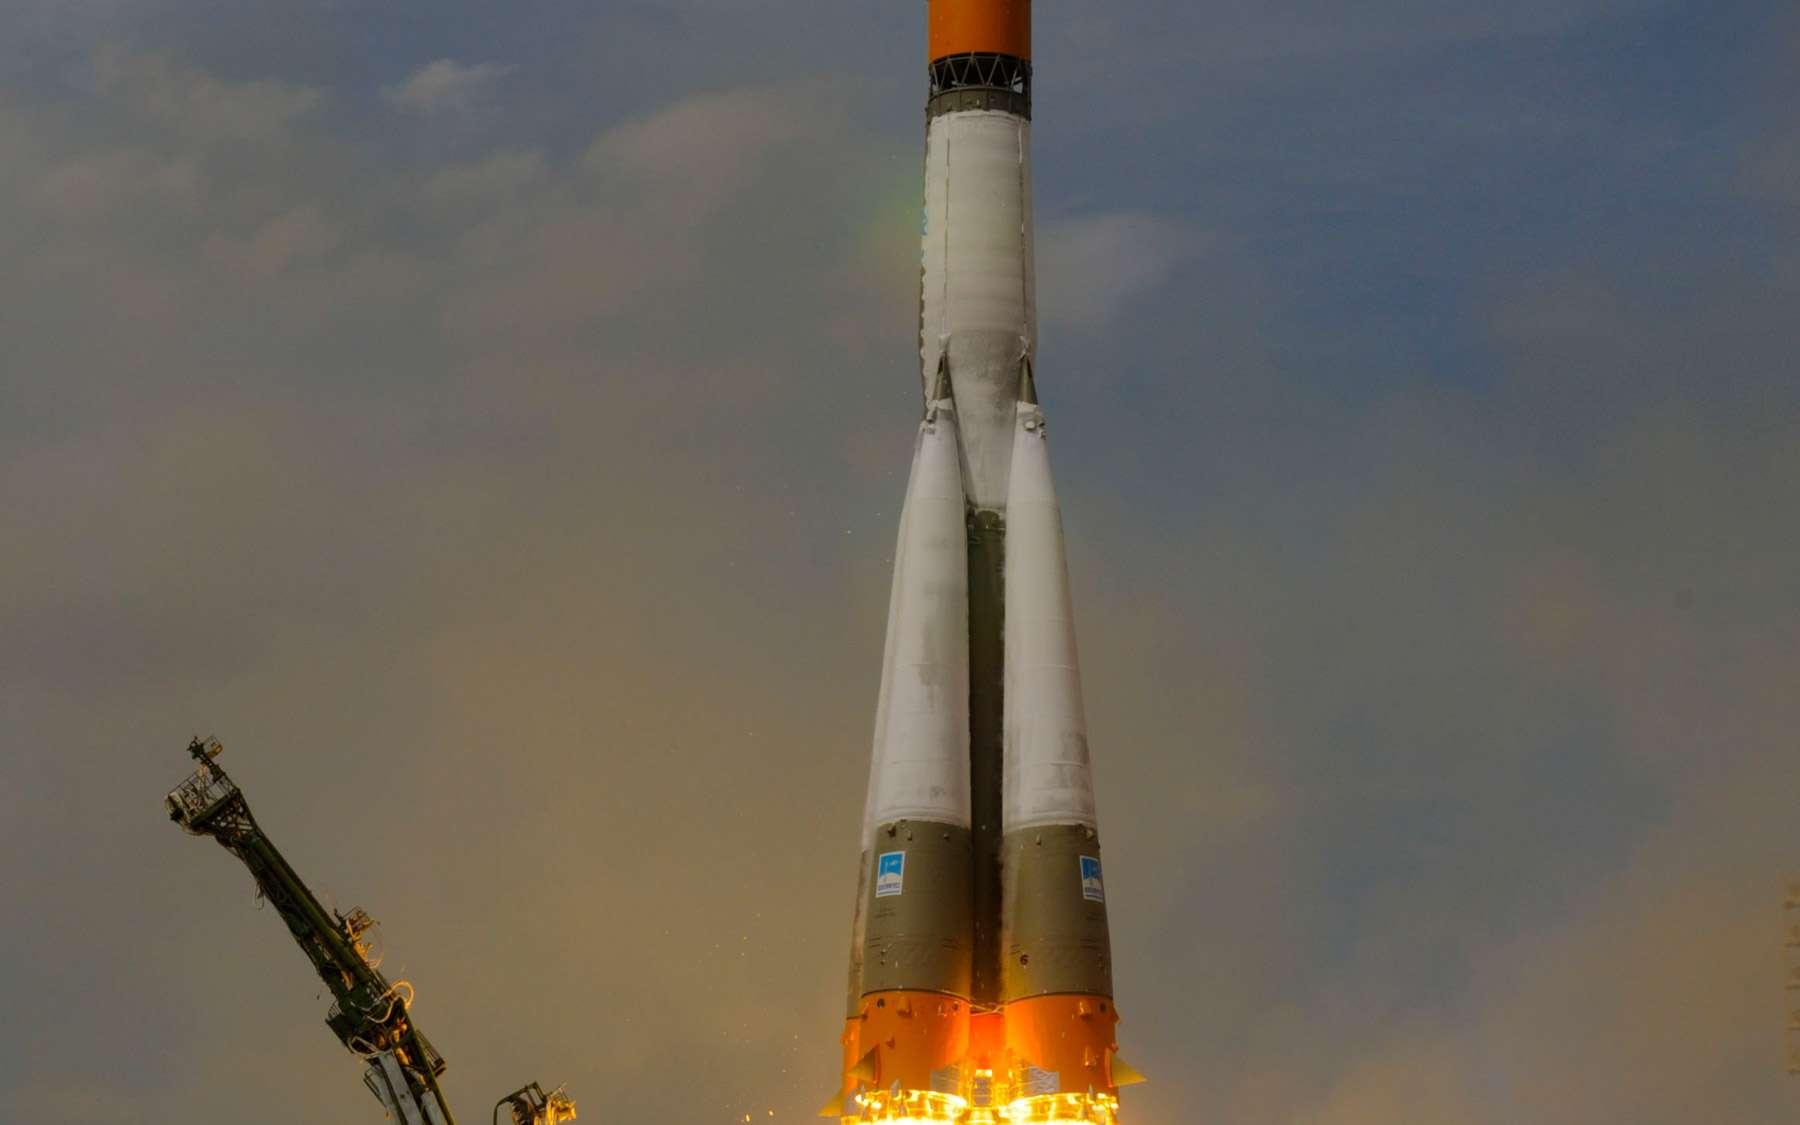 La récente série d'échecs qui a provoqué la perte de six satellites montre que bon nombre de lanceurs russes sont en fin de cycle. Si elle veut conserver son rang de puissance spatiale, la Russie serait bien inspirée d'accélérer le développement des futurs lanceurs Angara. À l'image, le décollage d'un Soyouz avec à son bord un équipage de trois astronautes, dont l'Européen Frank De Winne (mai 2009). © Esa/S. Corvaja